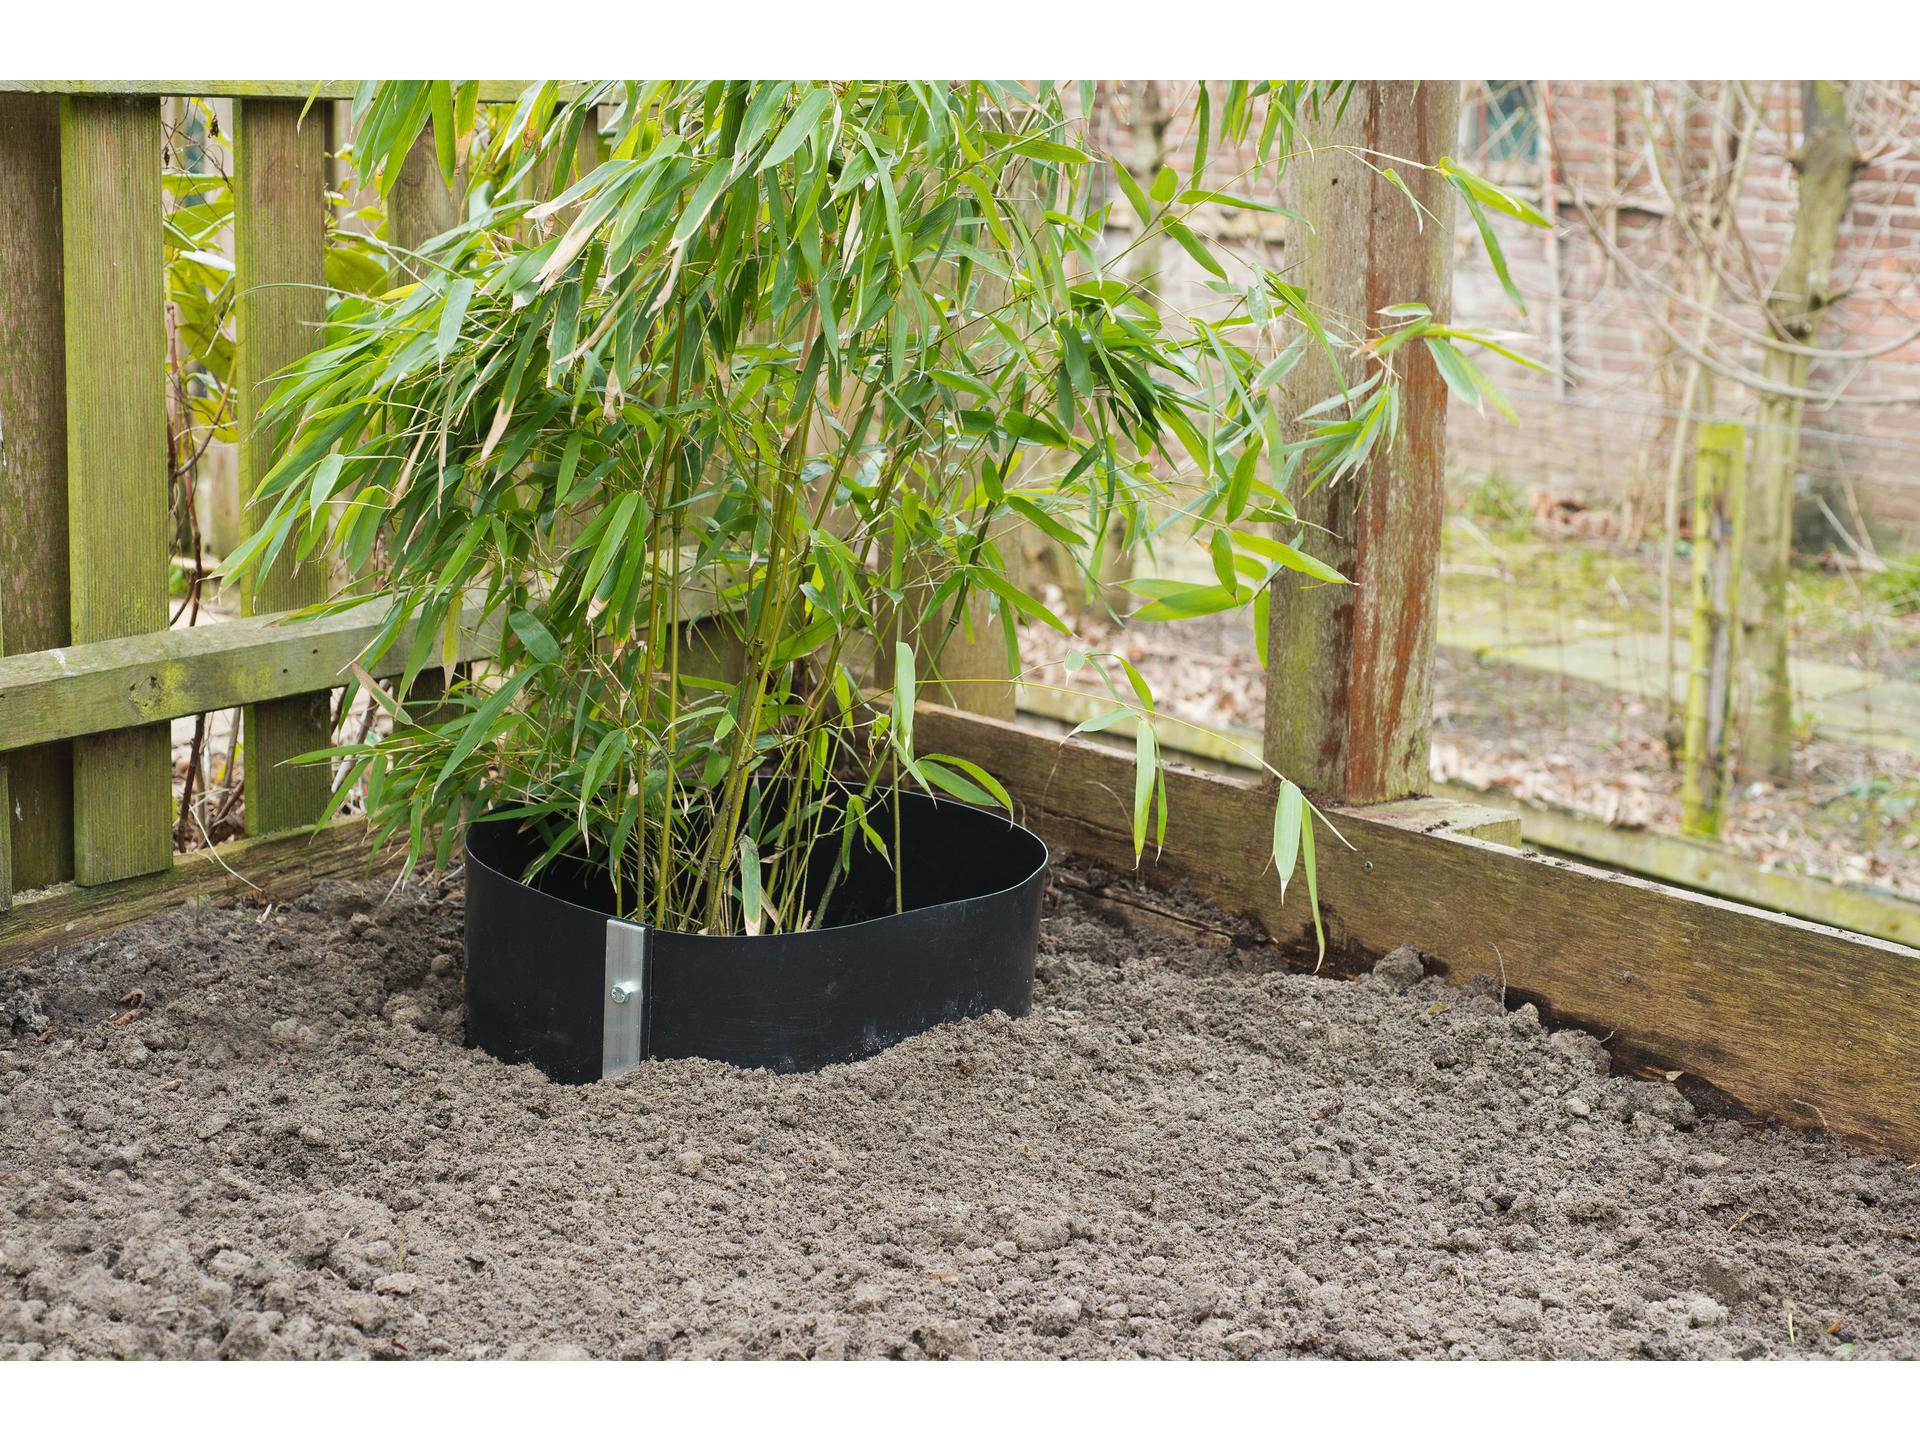 Le Bambou, Une Plante Pas Comme Les Autres, Mais Tellement ... pour Comment Eliminer Les Bambous Dans Un Jardin